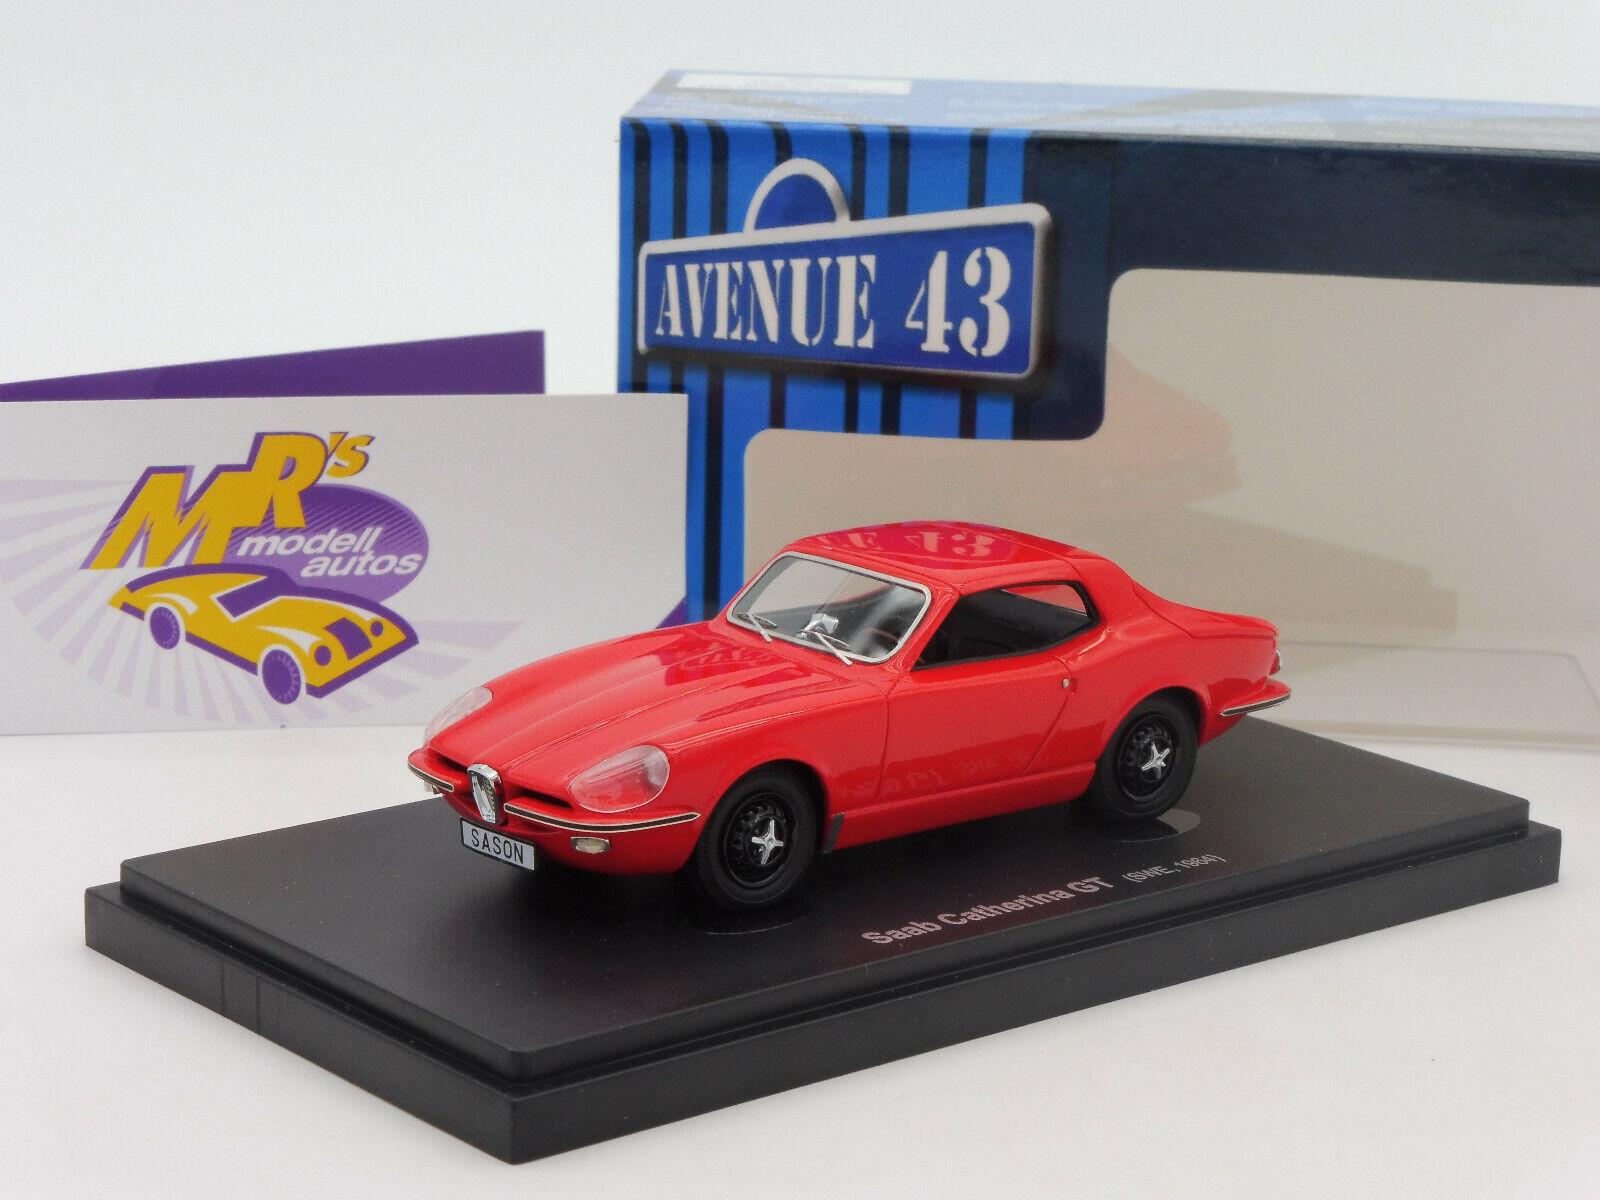 Autocult AVENUE 43 60026    SAAB Catherina GT coupé année de fabrication 1964 in  Rouge  1 43  pas cher en ligne